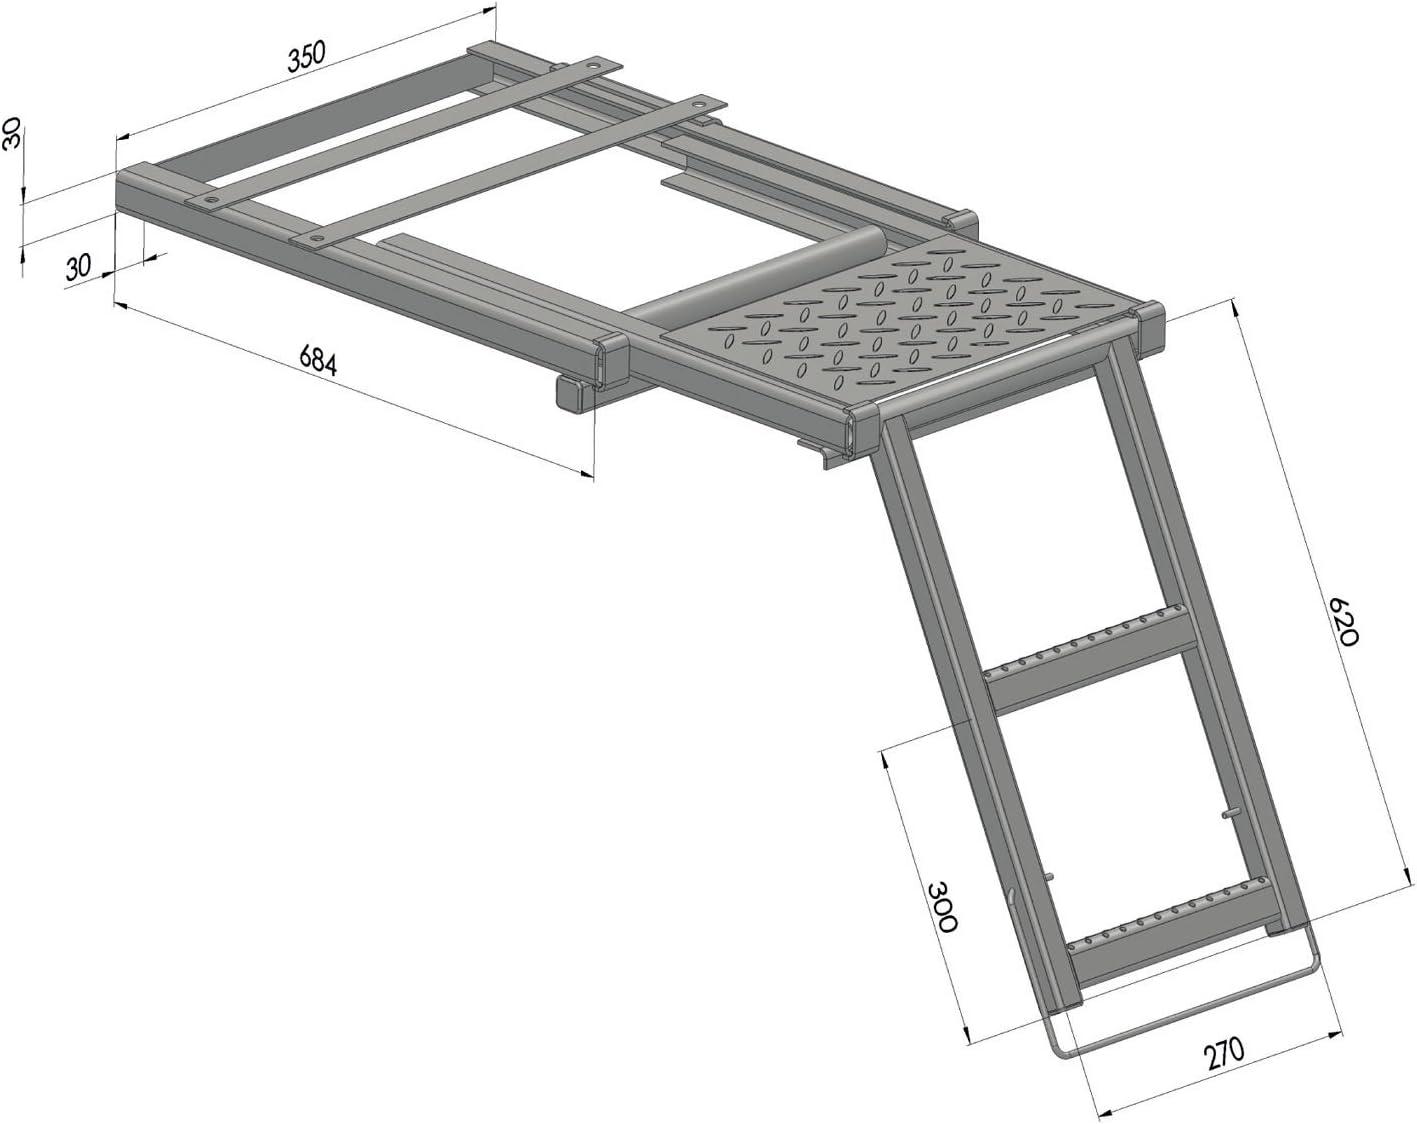 Escalera podio niveles galvanizado Chapa colgante Camiones: Amazon.es: Bricolaje y herramientas